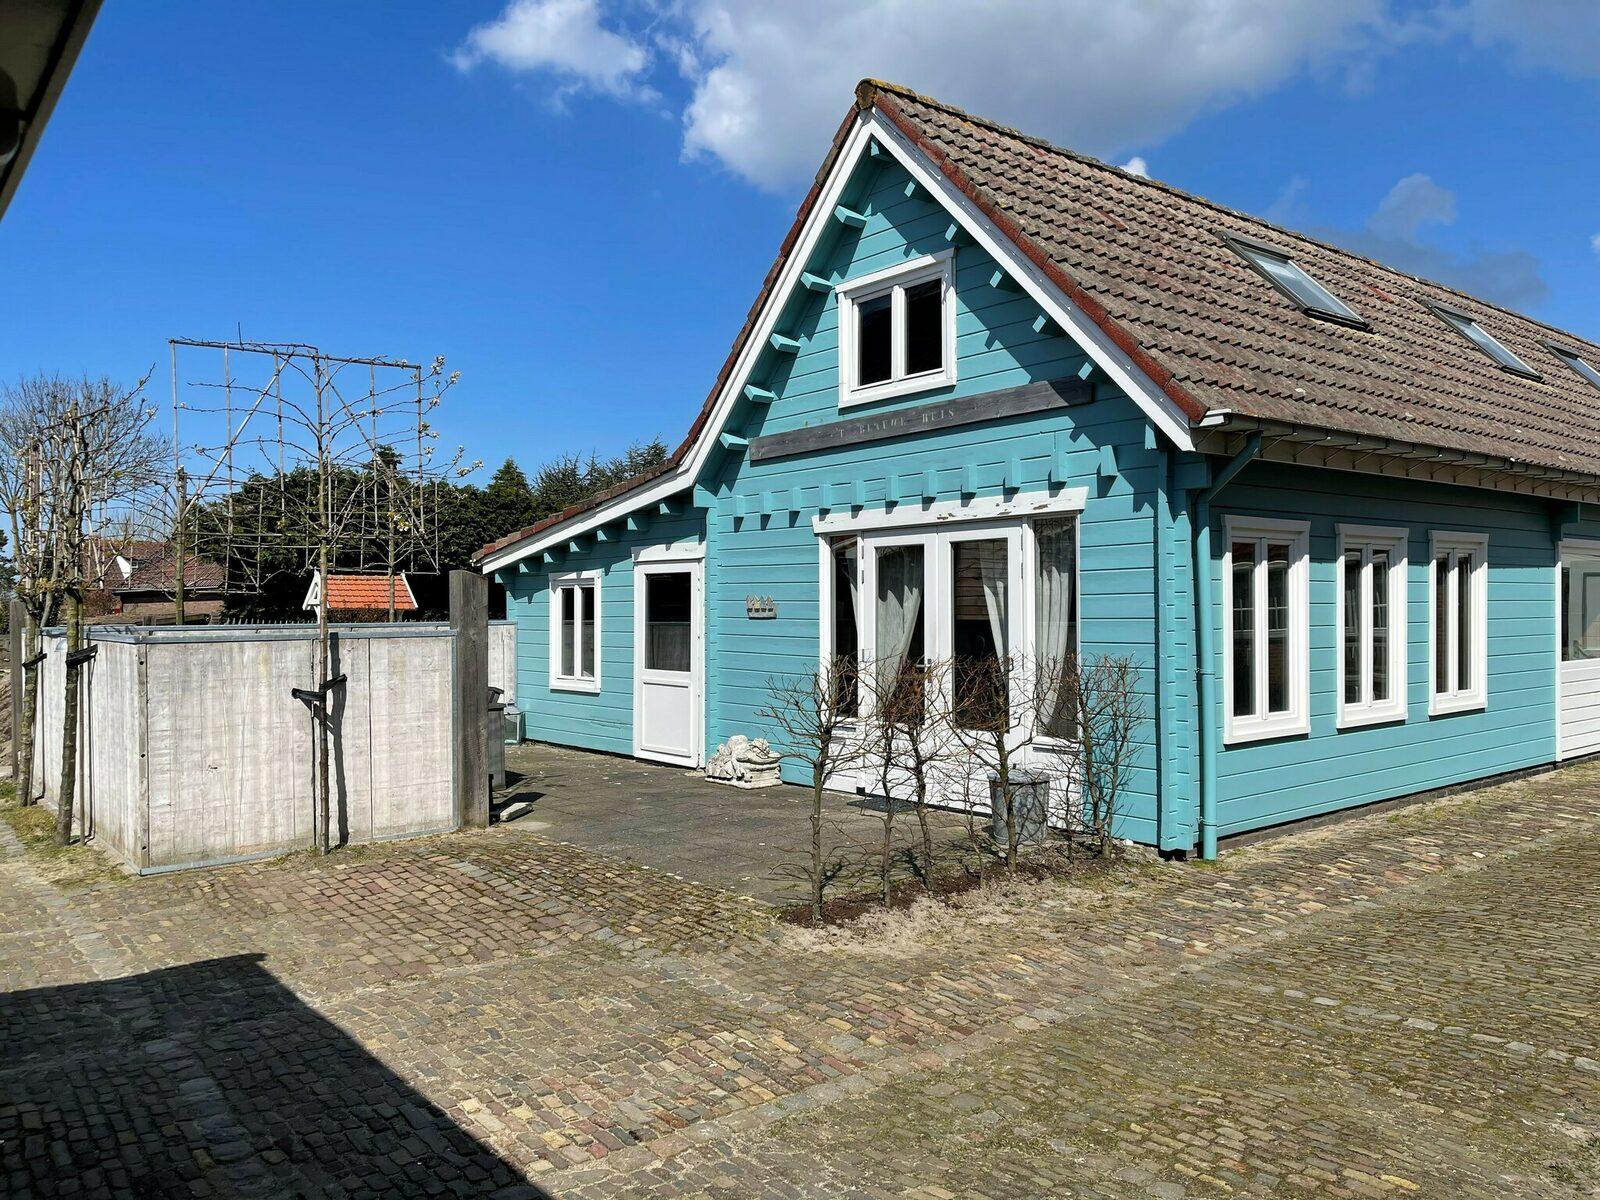 Vakantiehuis - Wielemakersbaan 6 | Dishoek 'Het blauwe chalet'